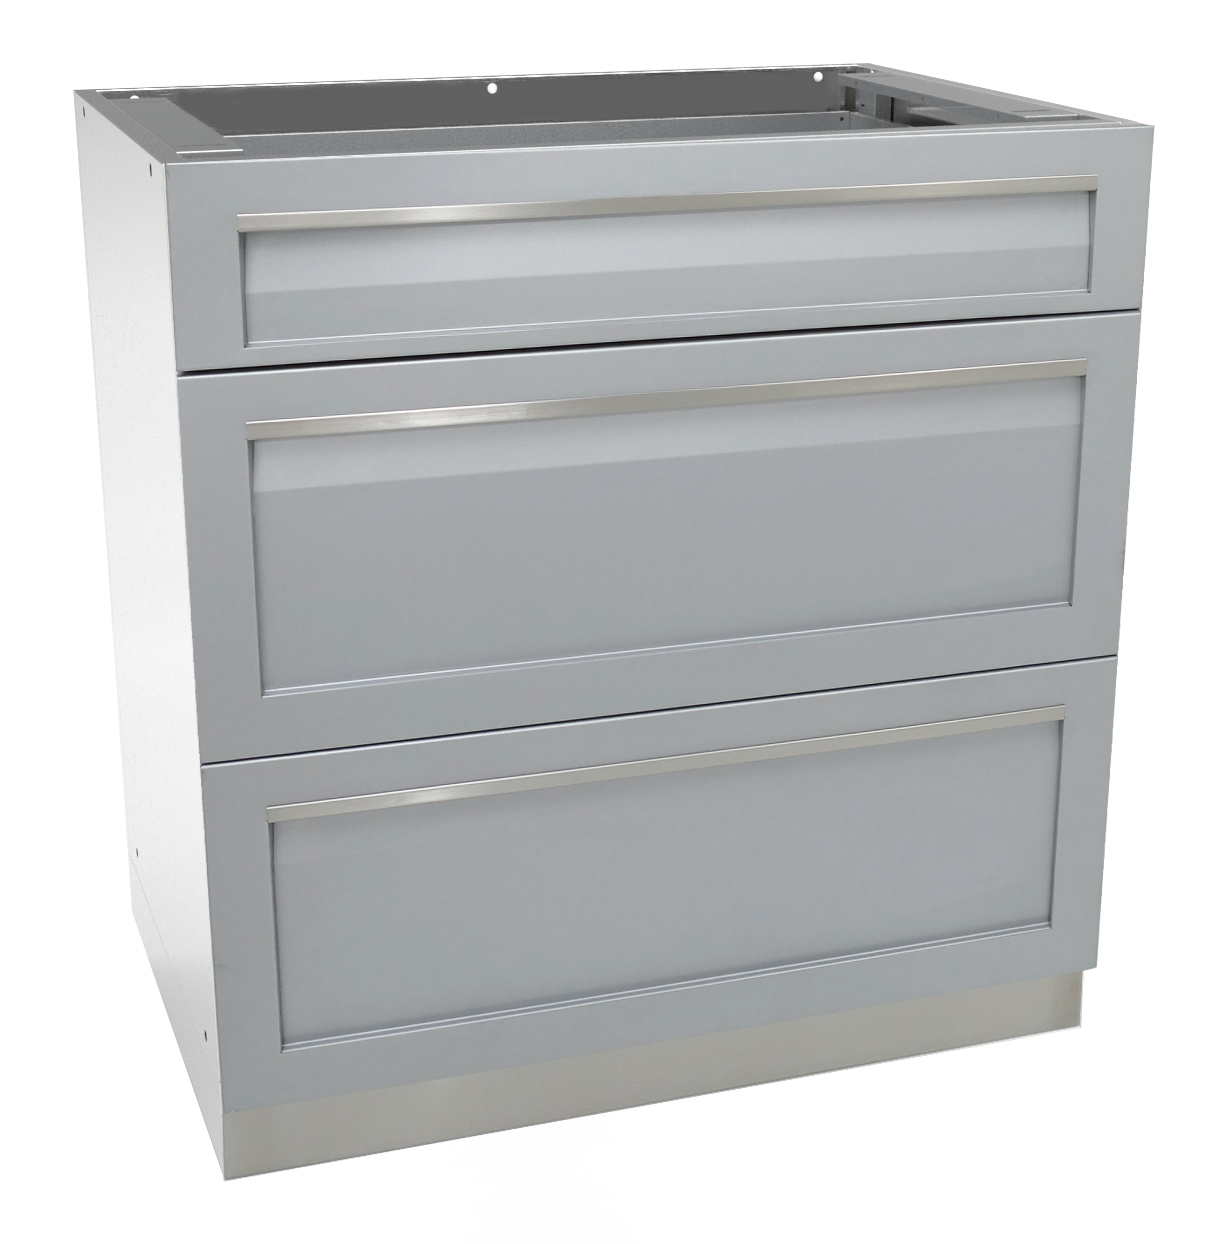 3-Drawer Outdoor Kitchen Cabinet - G40003